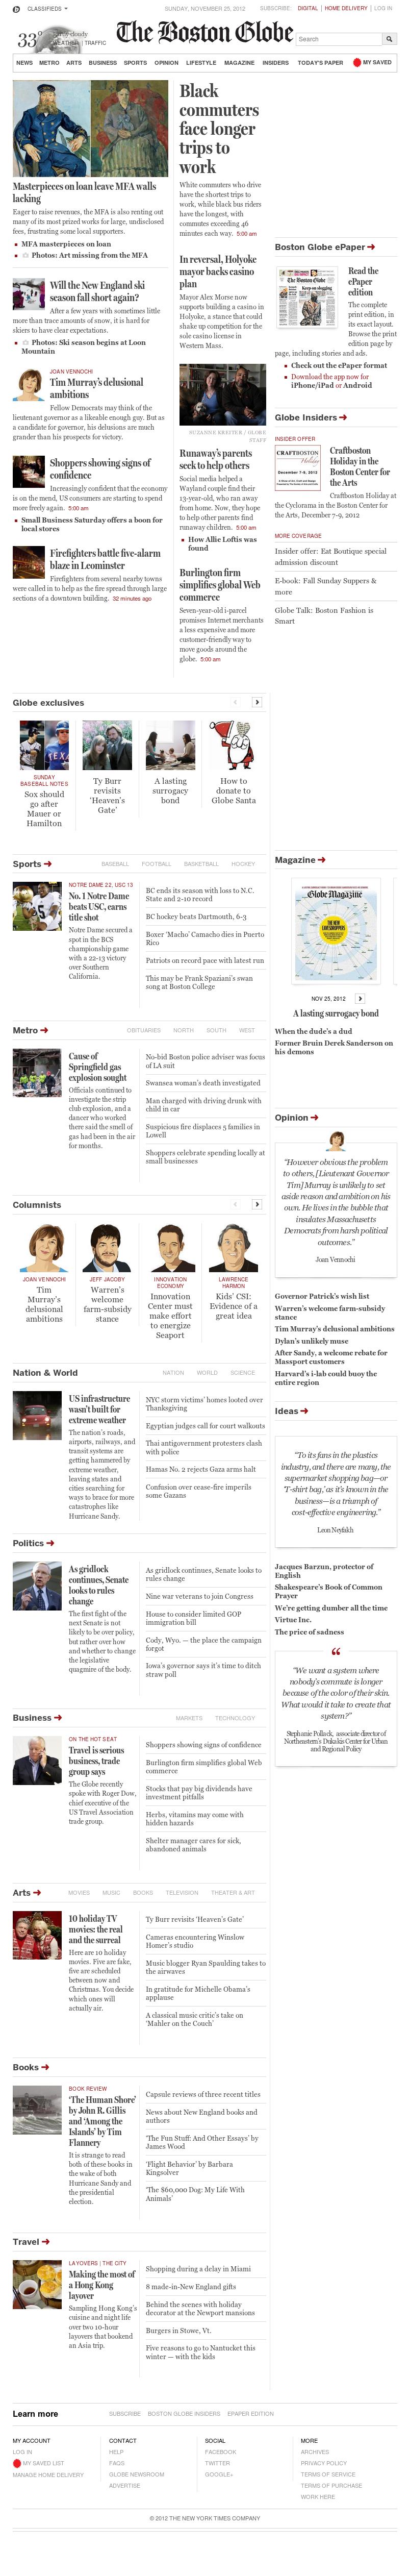 The Boston Globe at Sunday Nov. 25, 2012, 7:02 a.m. UTC